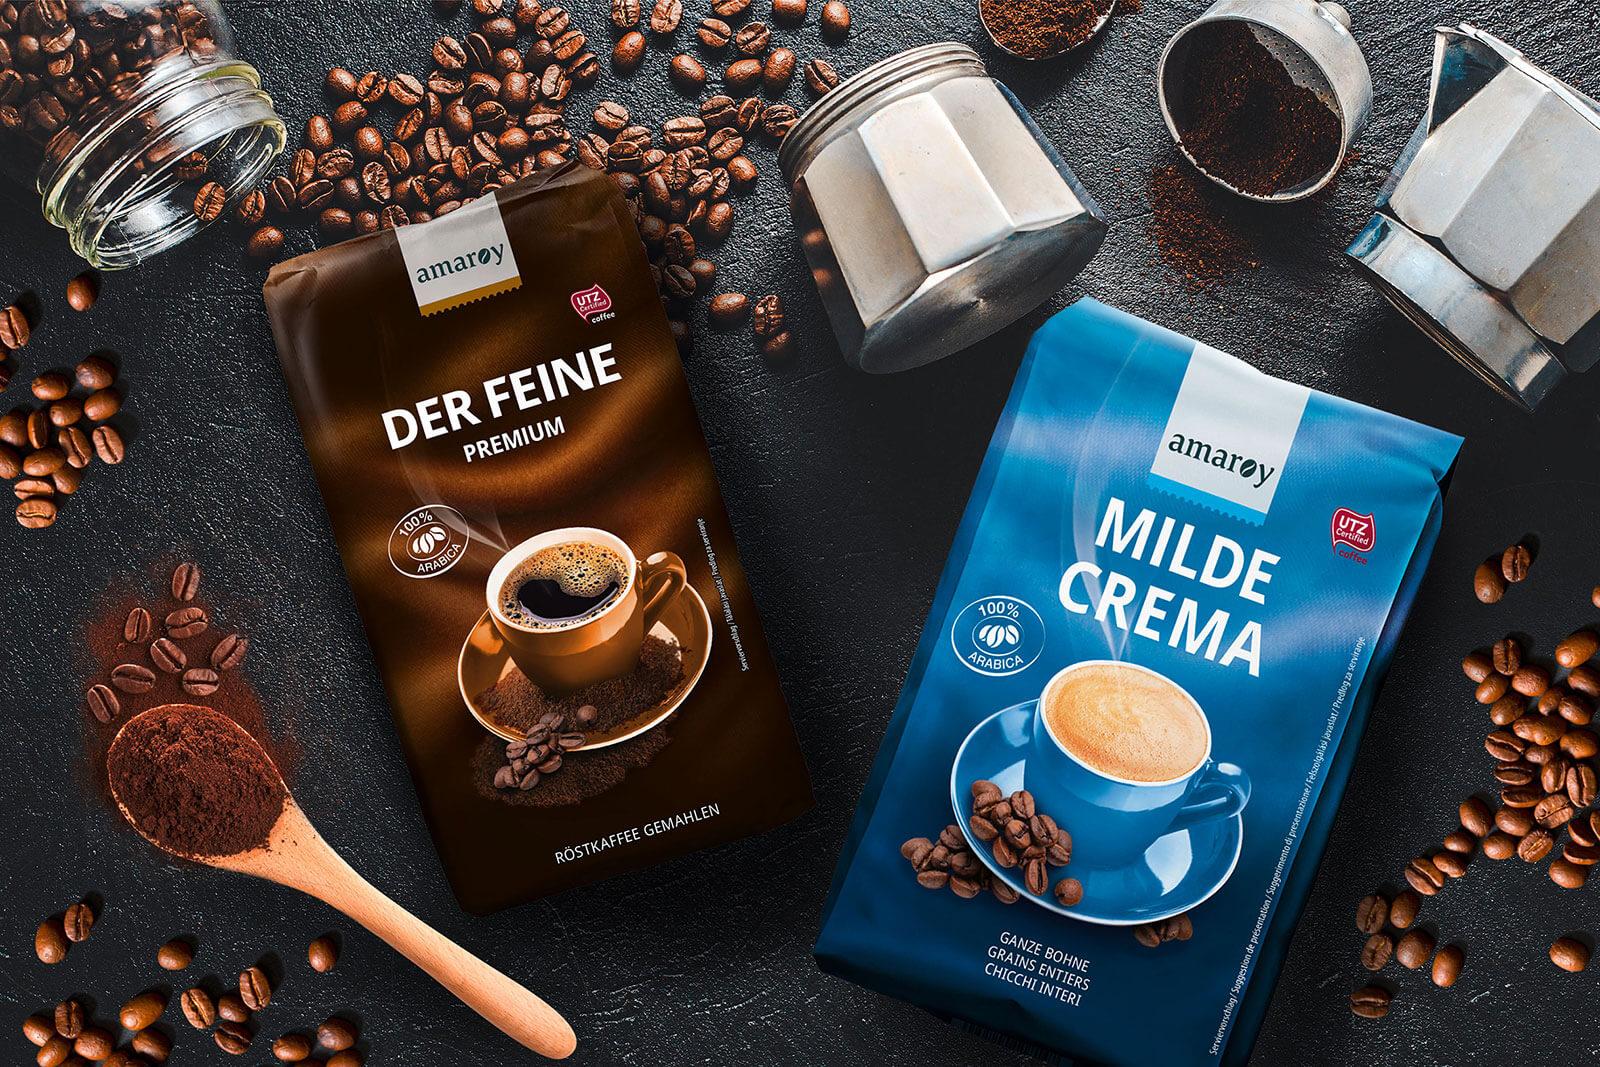 hofer amaroy kaffee der feine premium und milde crema imagebild design packaging rubicon